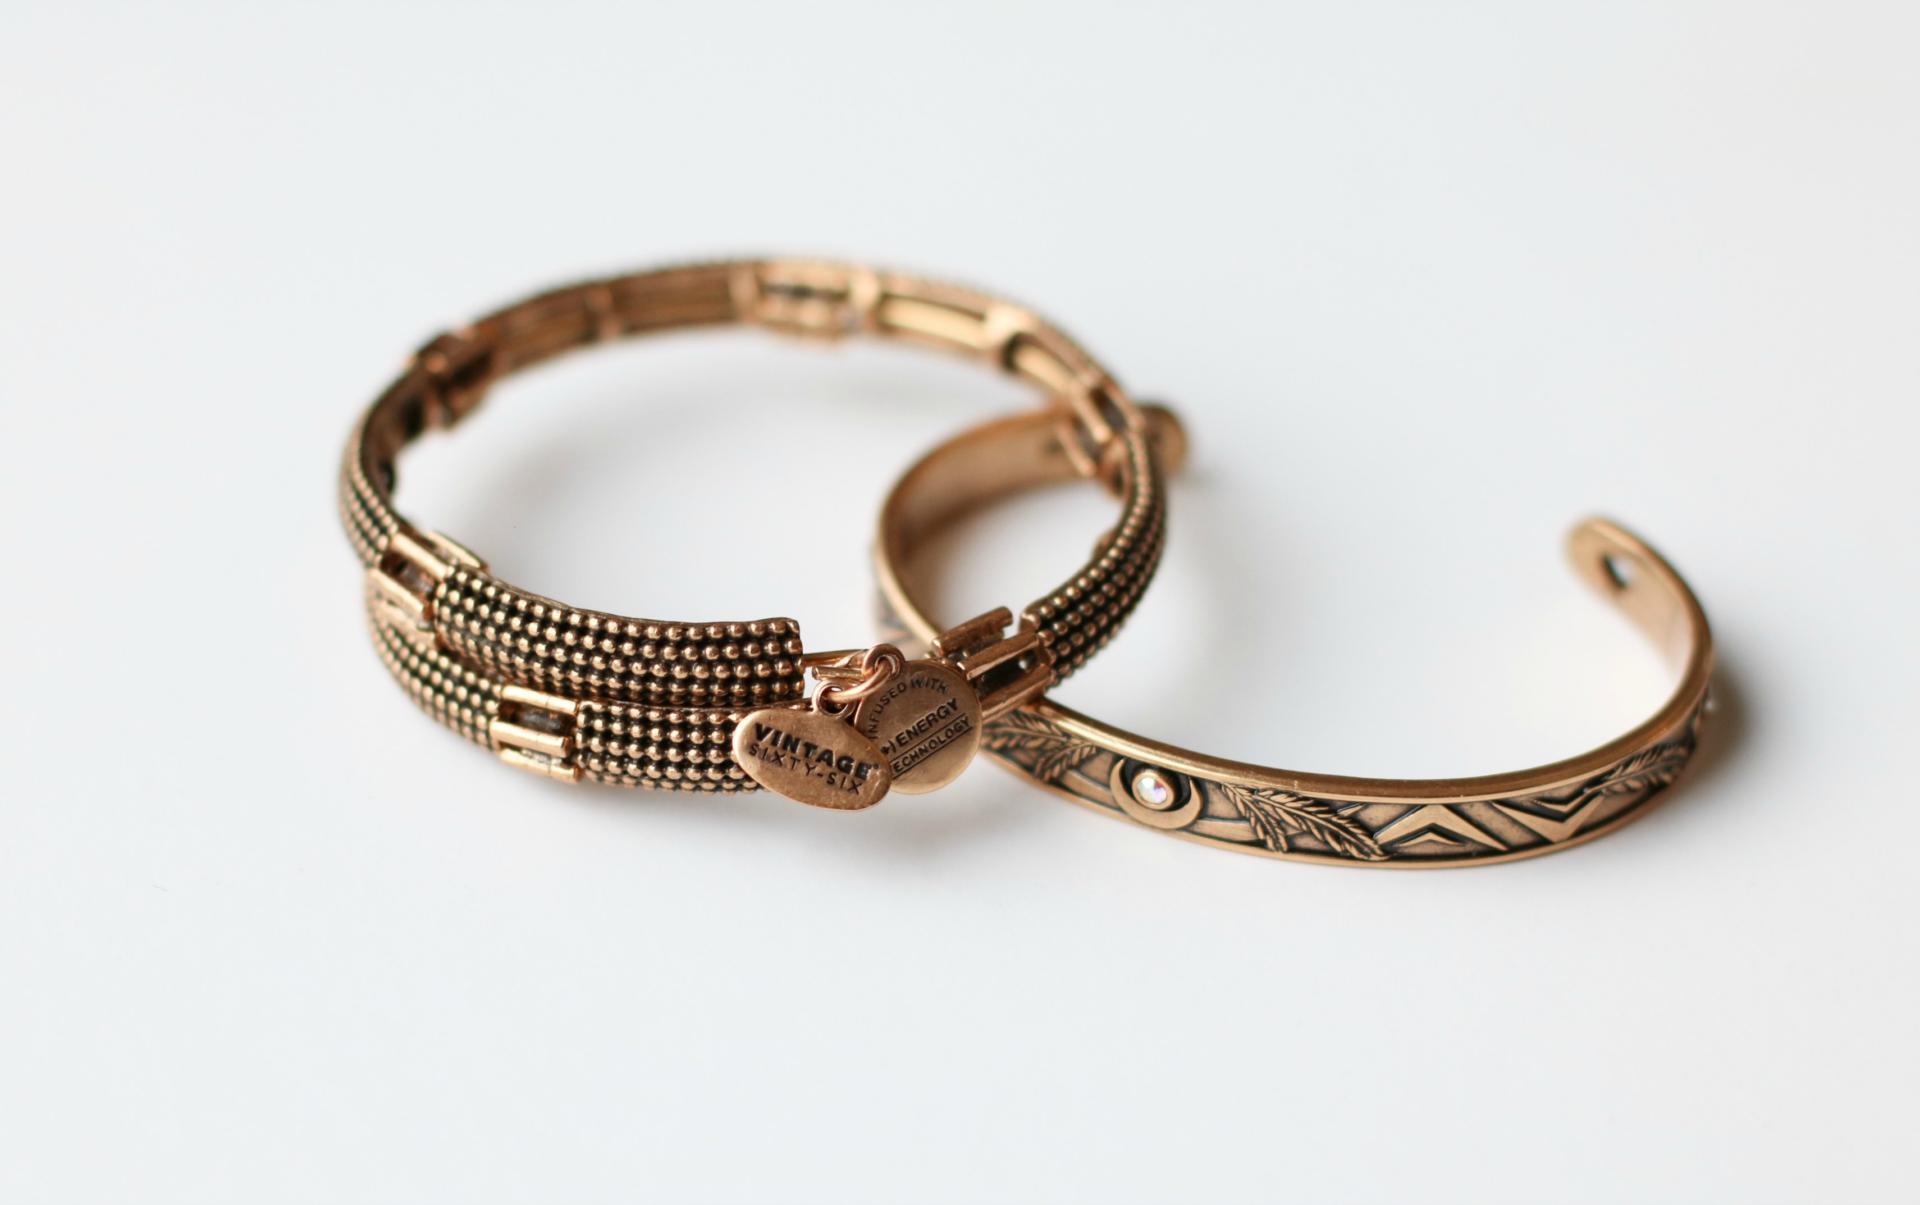 ALEX AND ANI Nova Wrap and Godspeed Bracelets